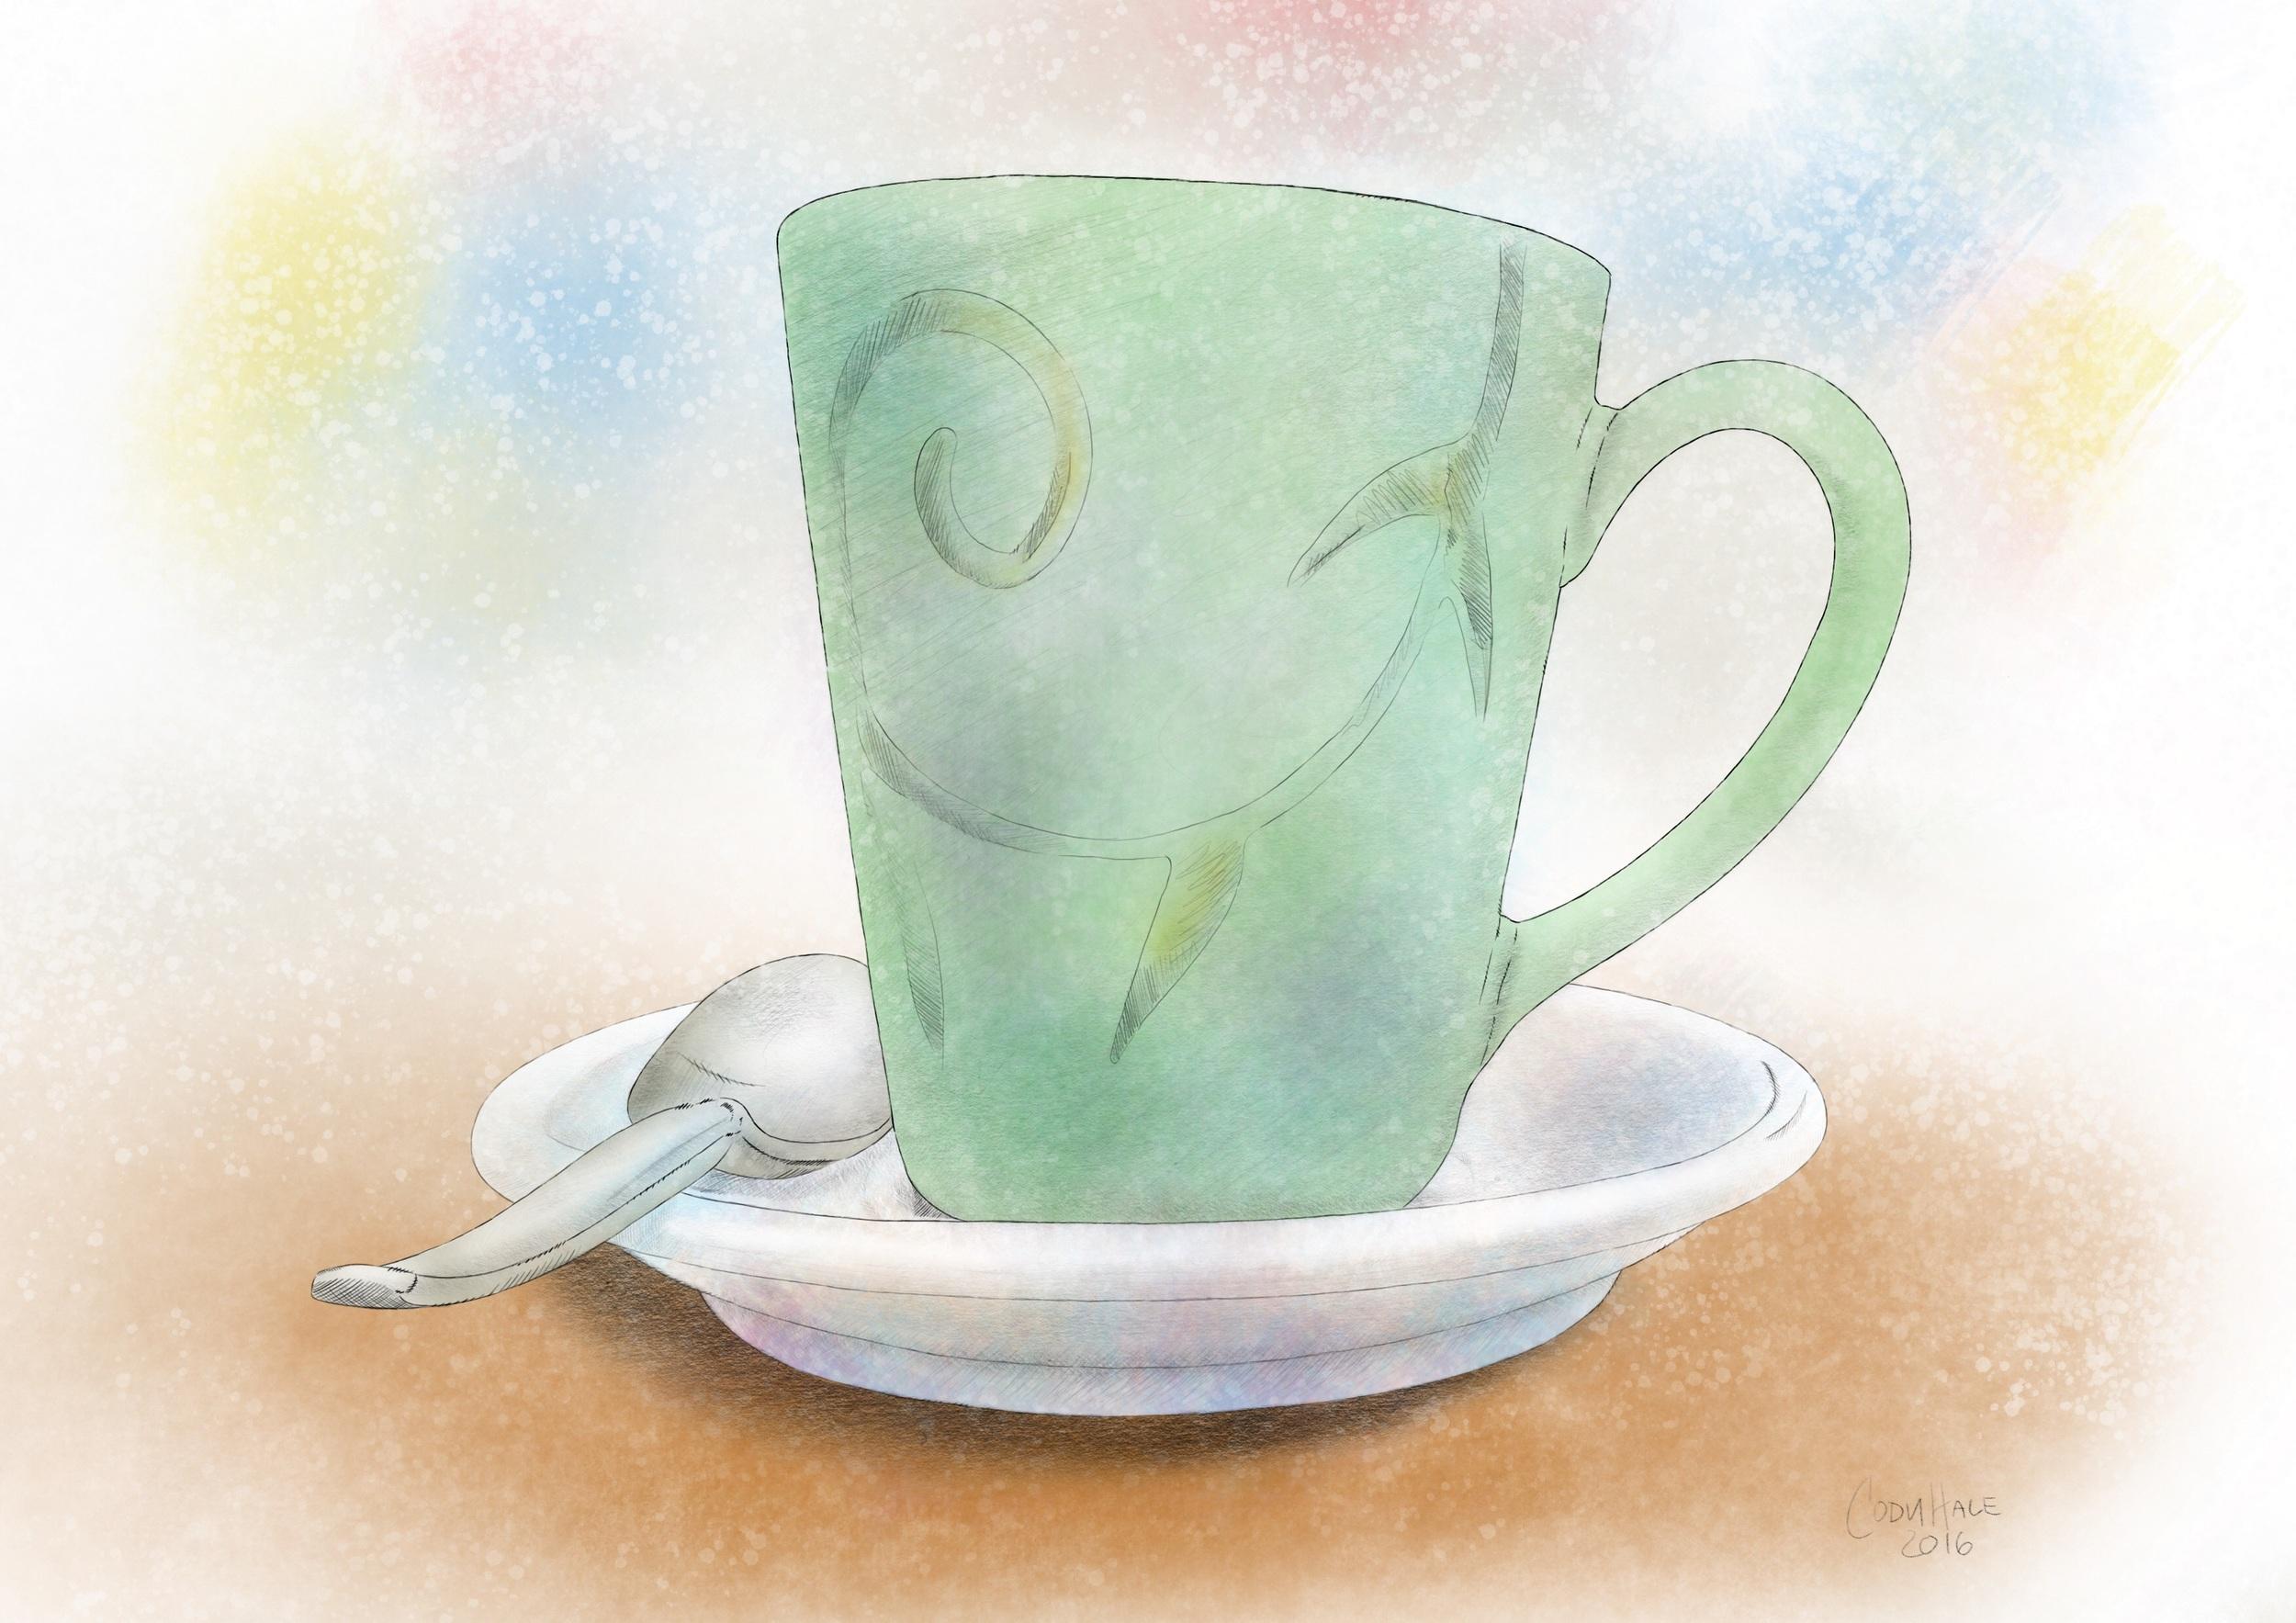 Illustration of coffe mug from Carpe Cafe